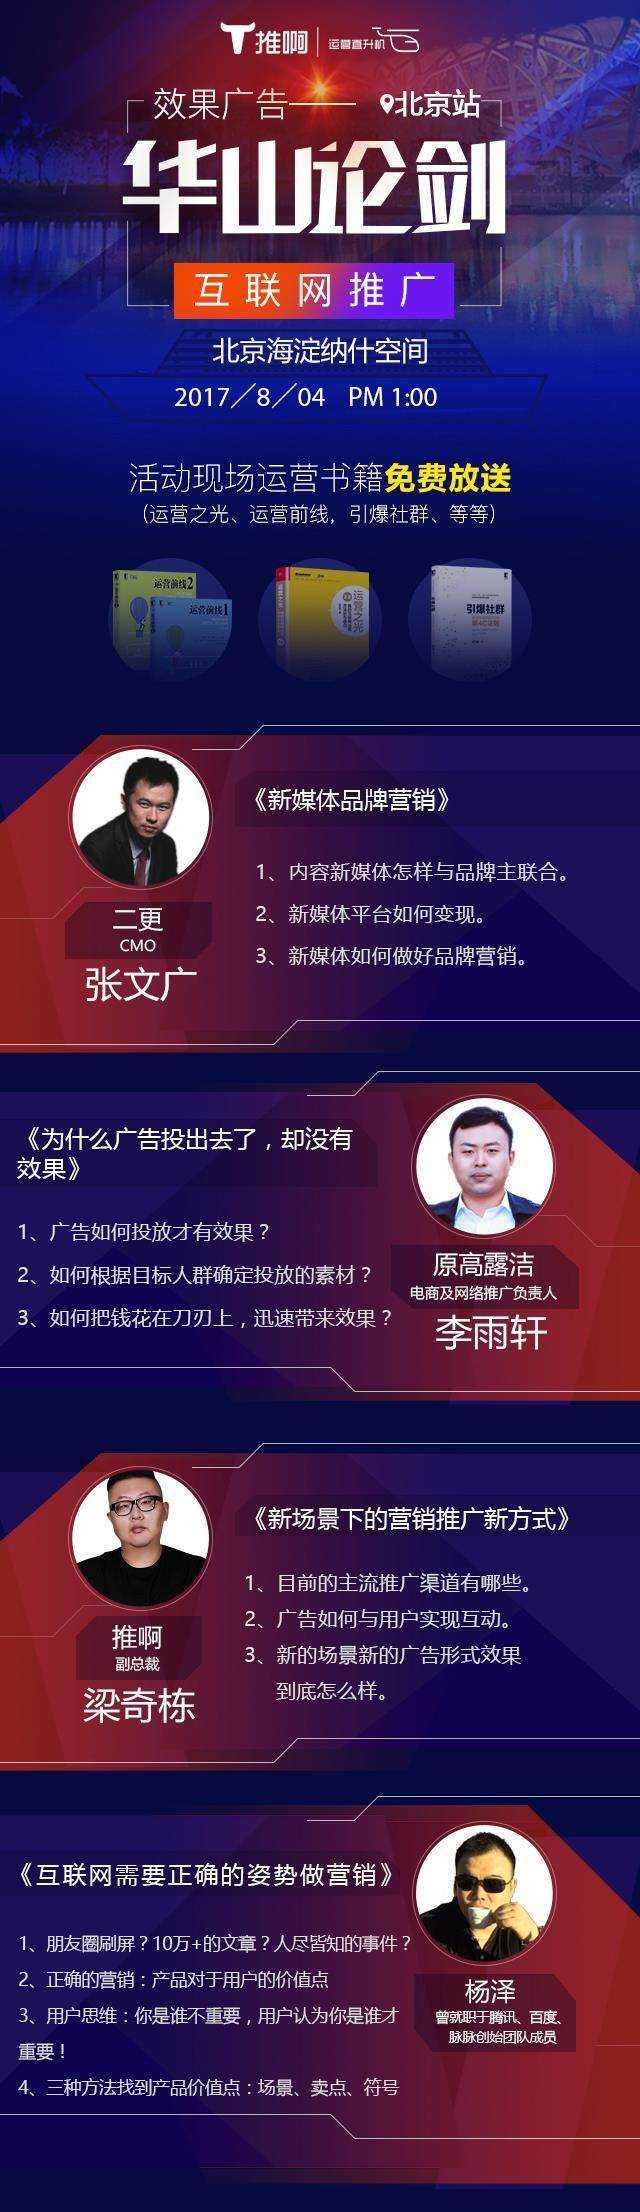 邀請函-长图(扫群用的).png